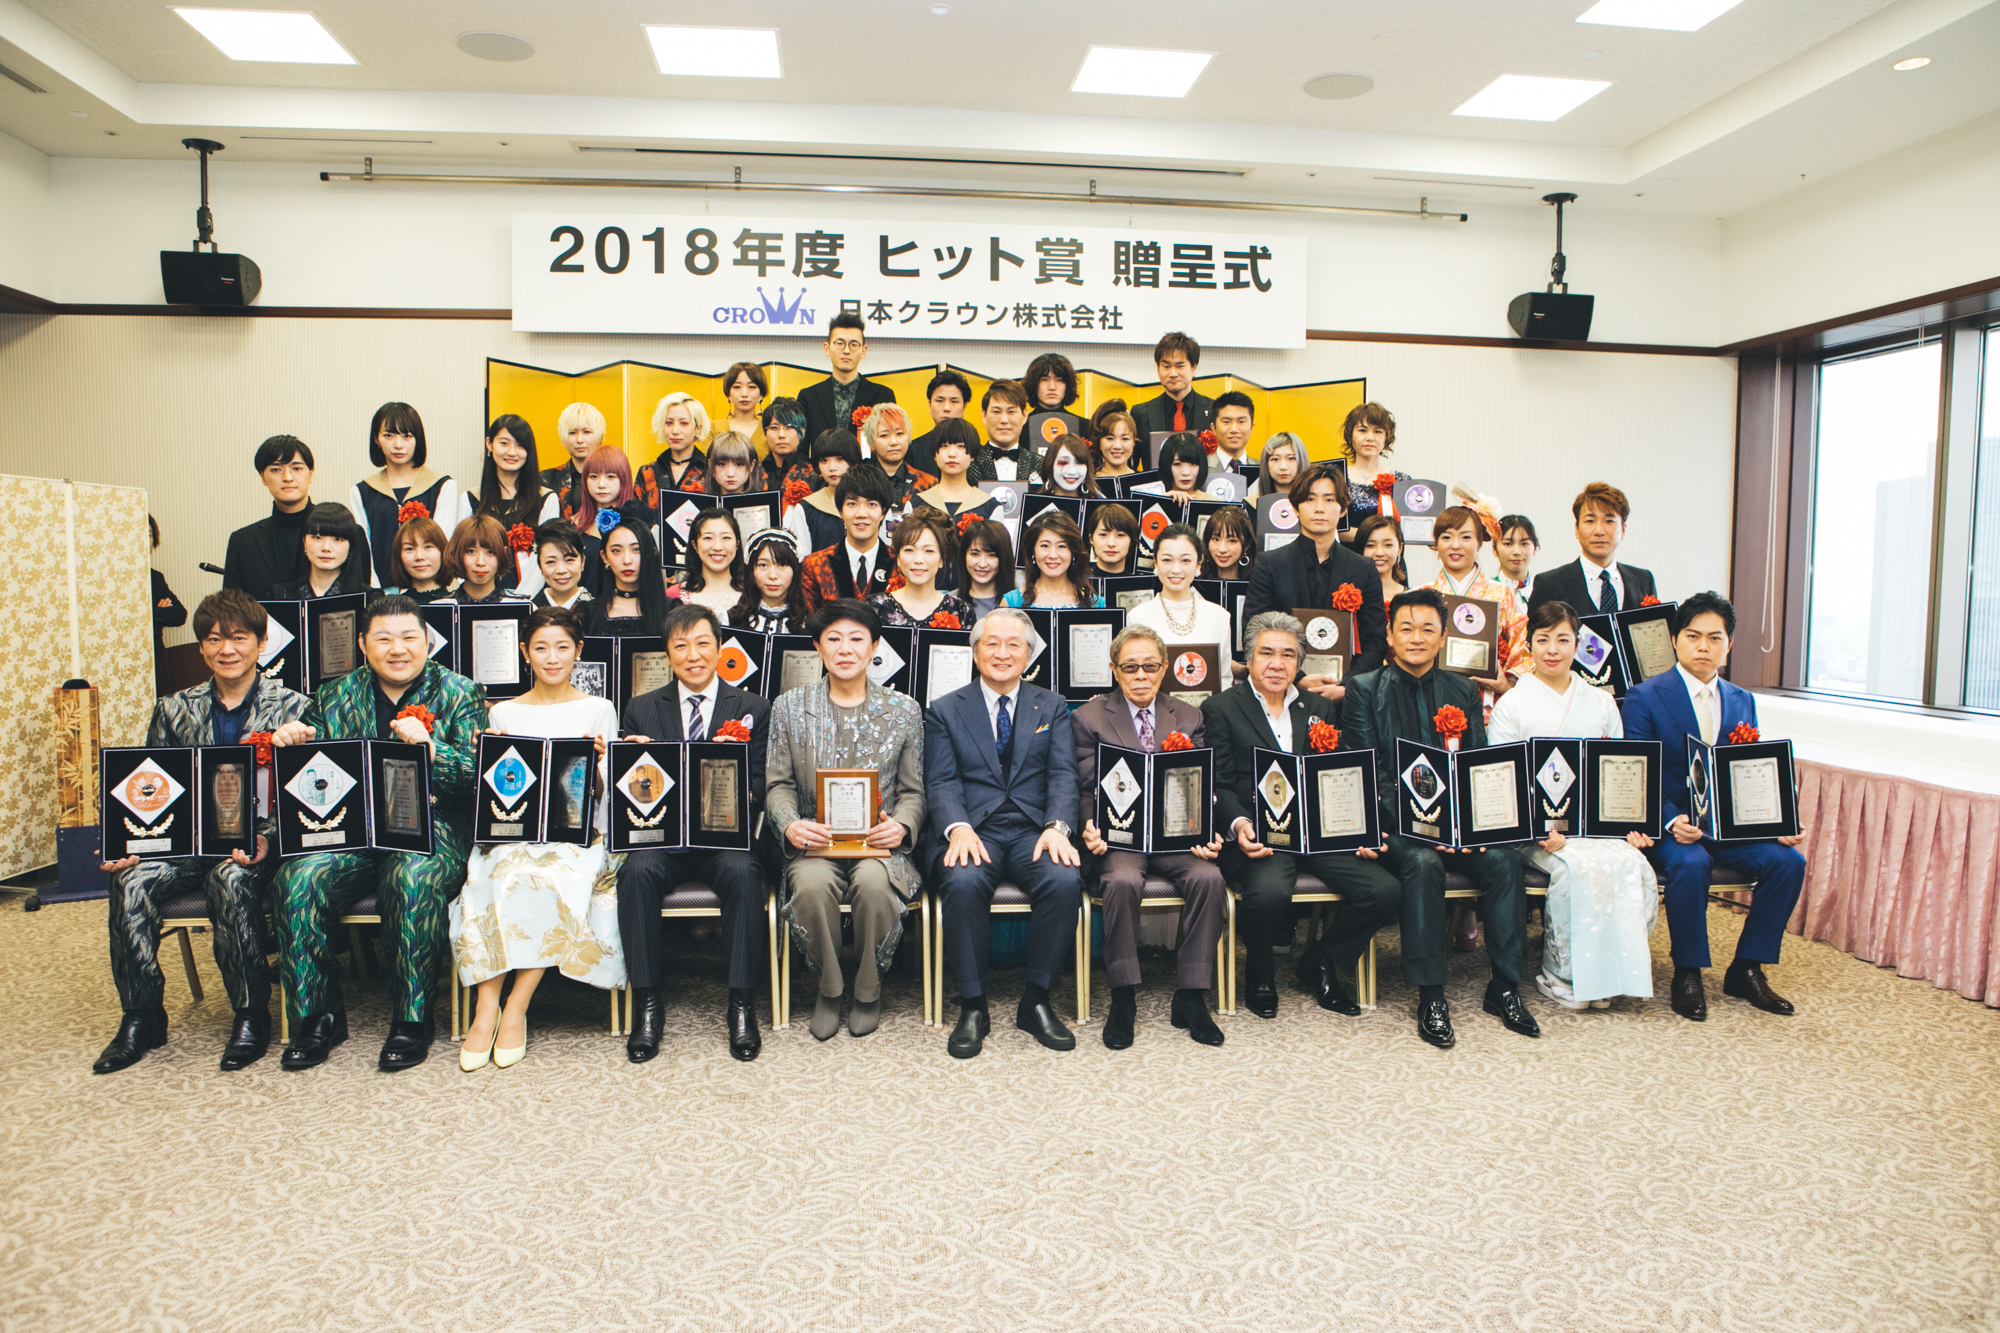 日本クラウンヒット賞贈呈式